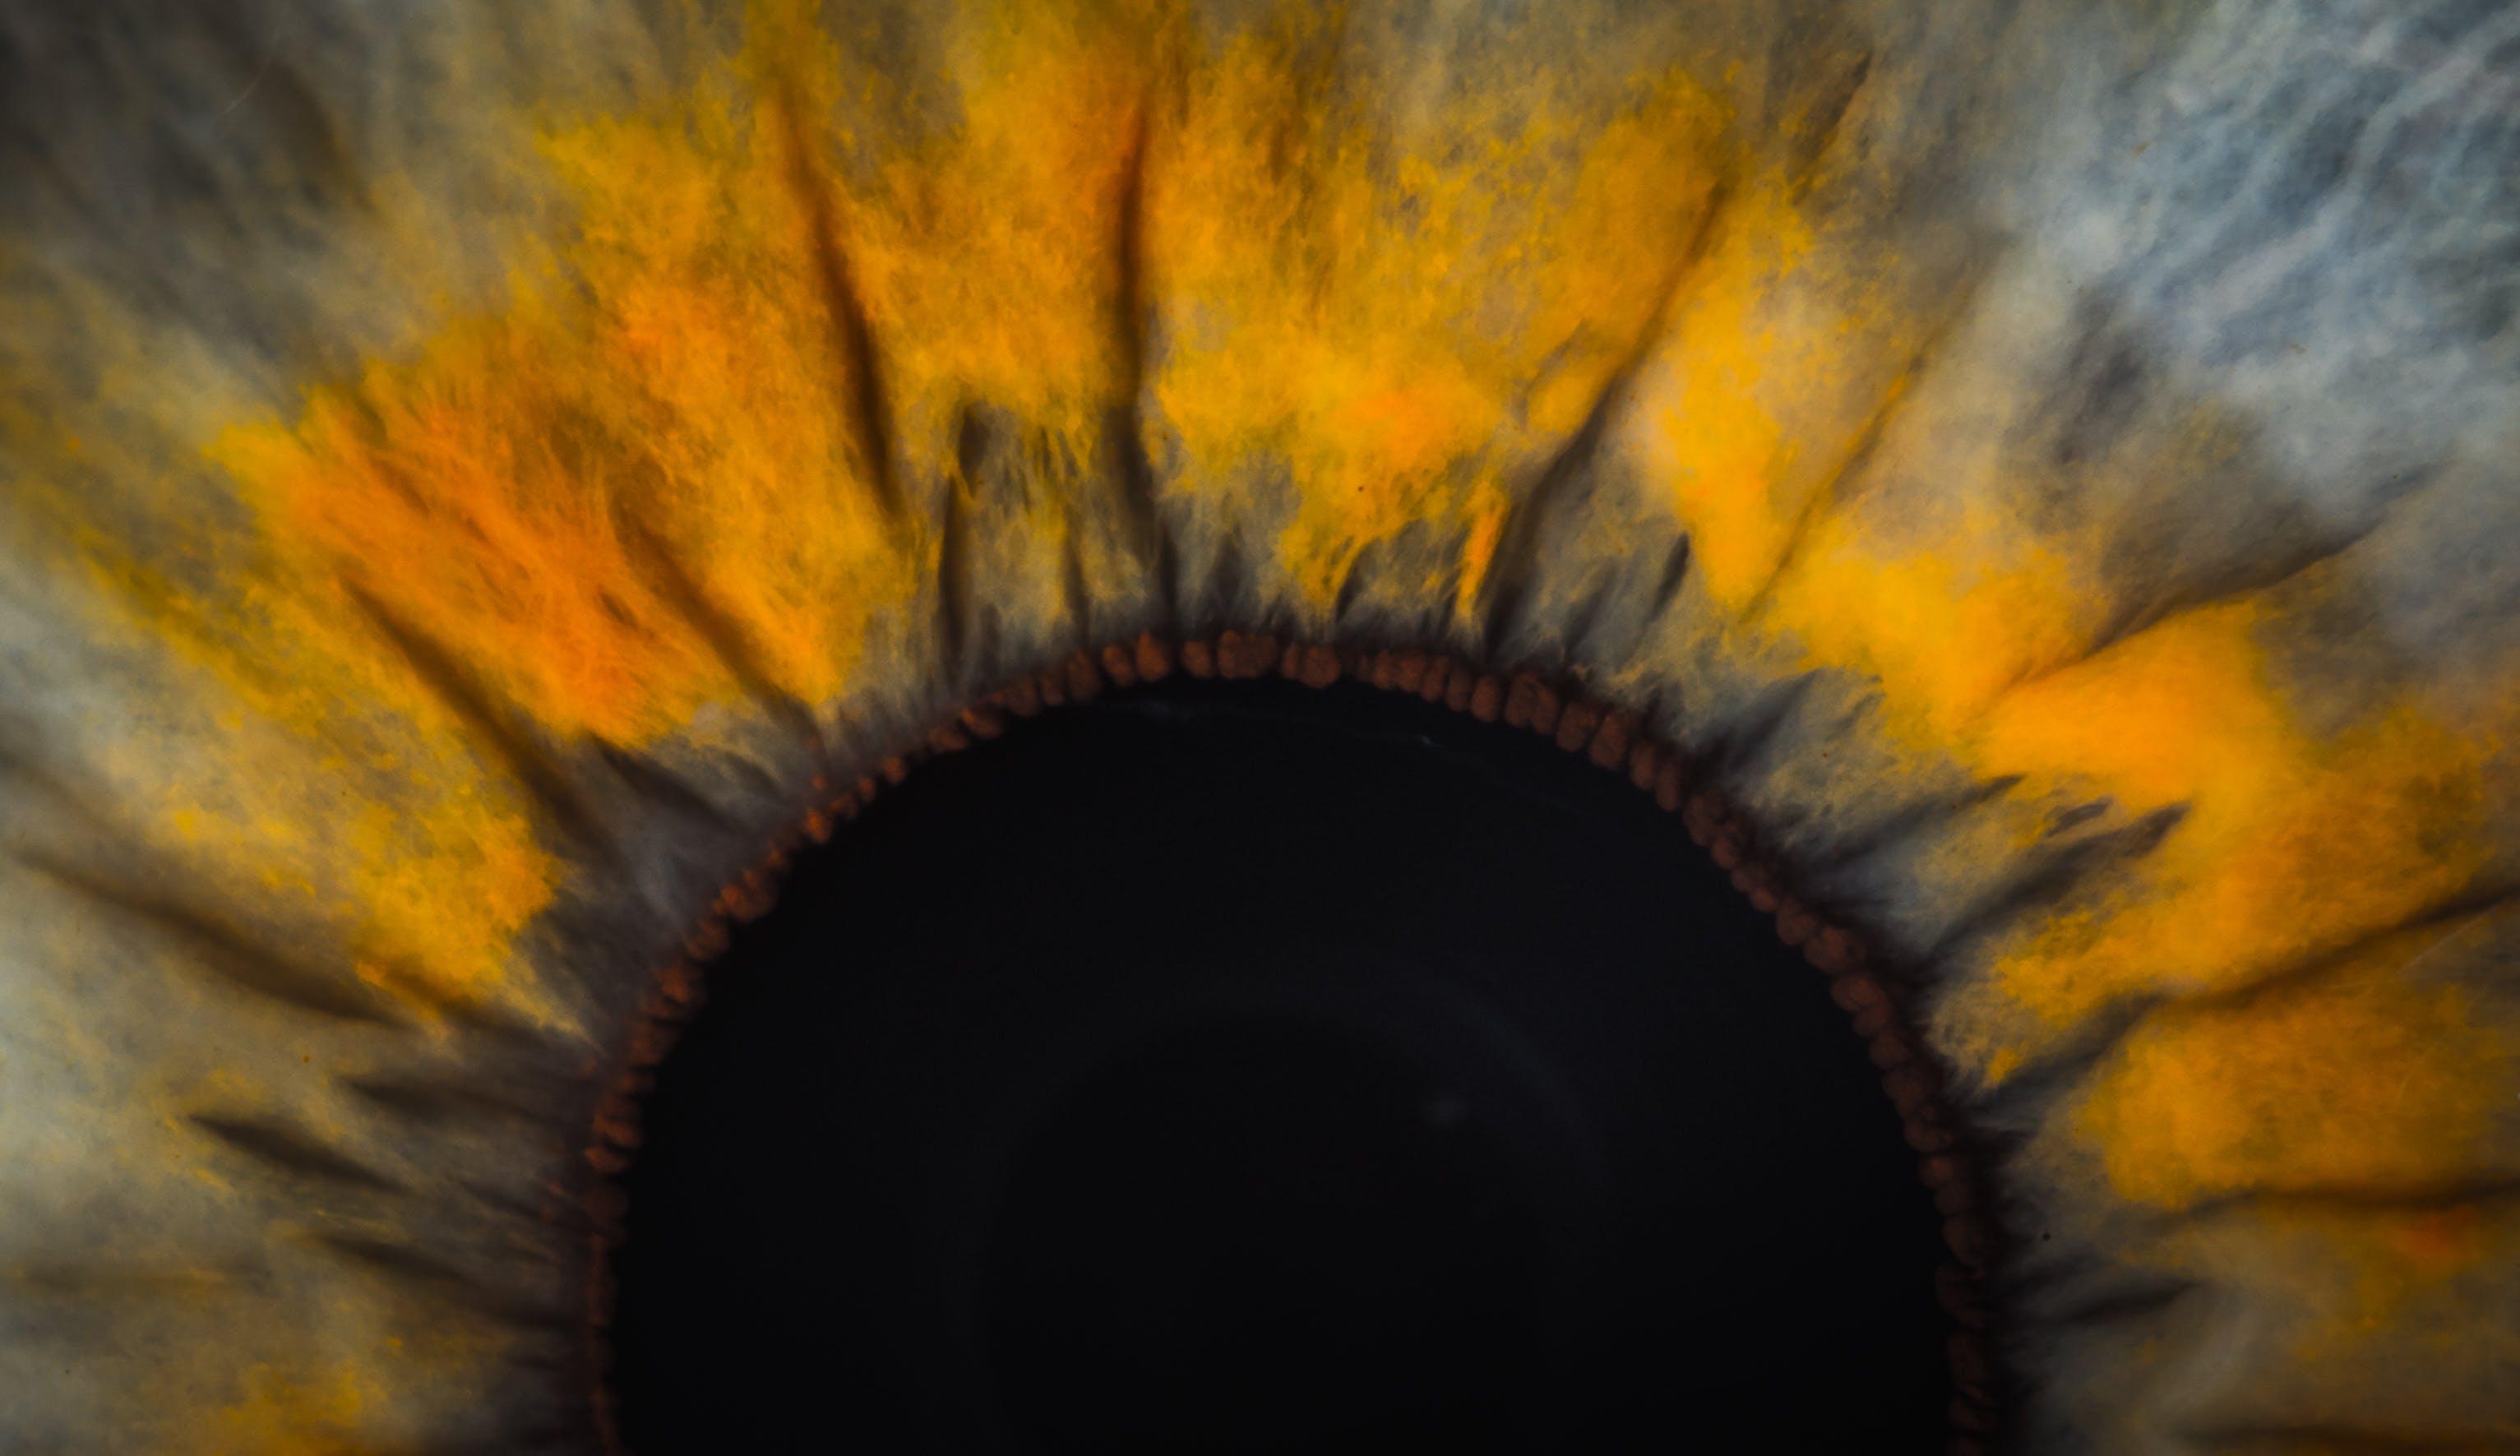 Free stock photo of eye, macro